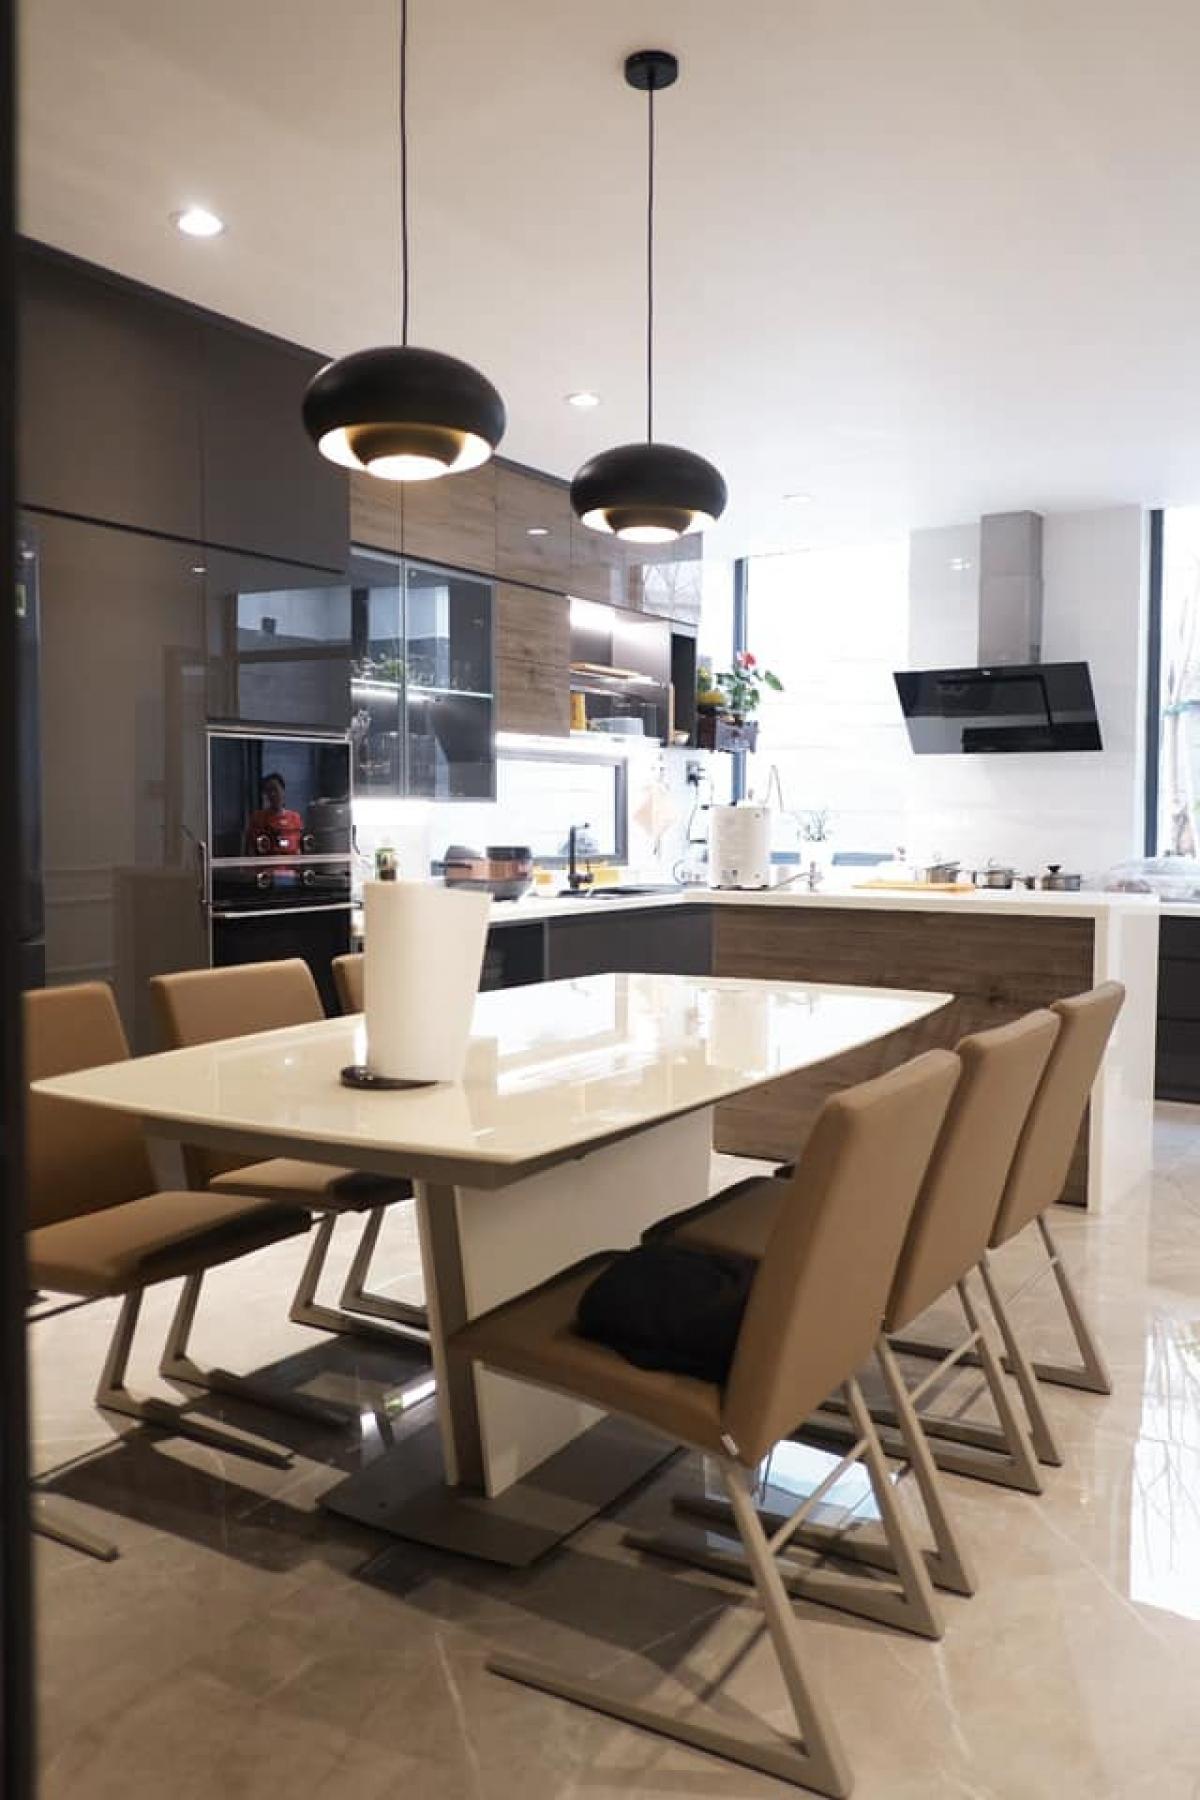 Không gian phòng bếp với màu nâu, trắng, sử dụng những trang thiết bị bếp hiện đại, tiện nghi.